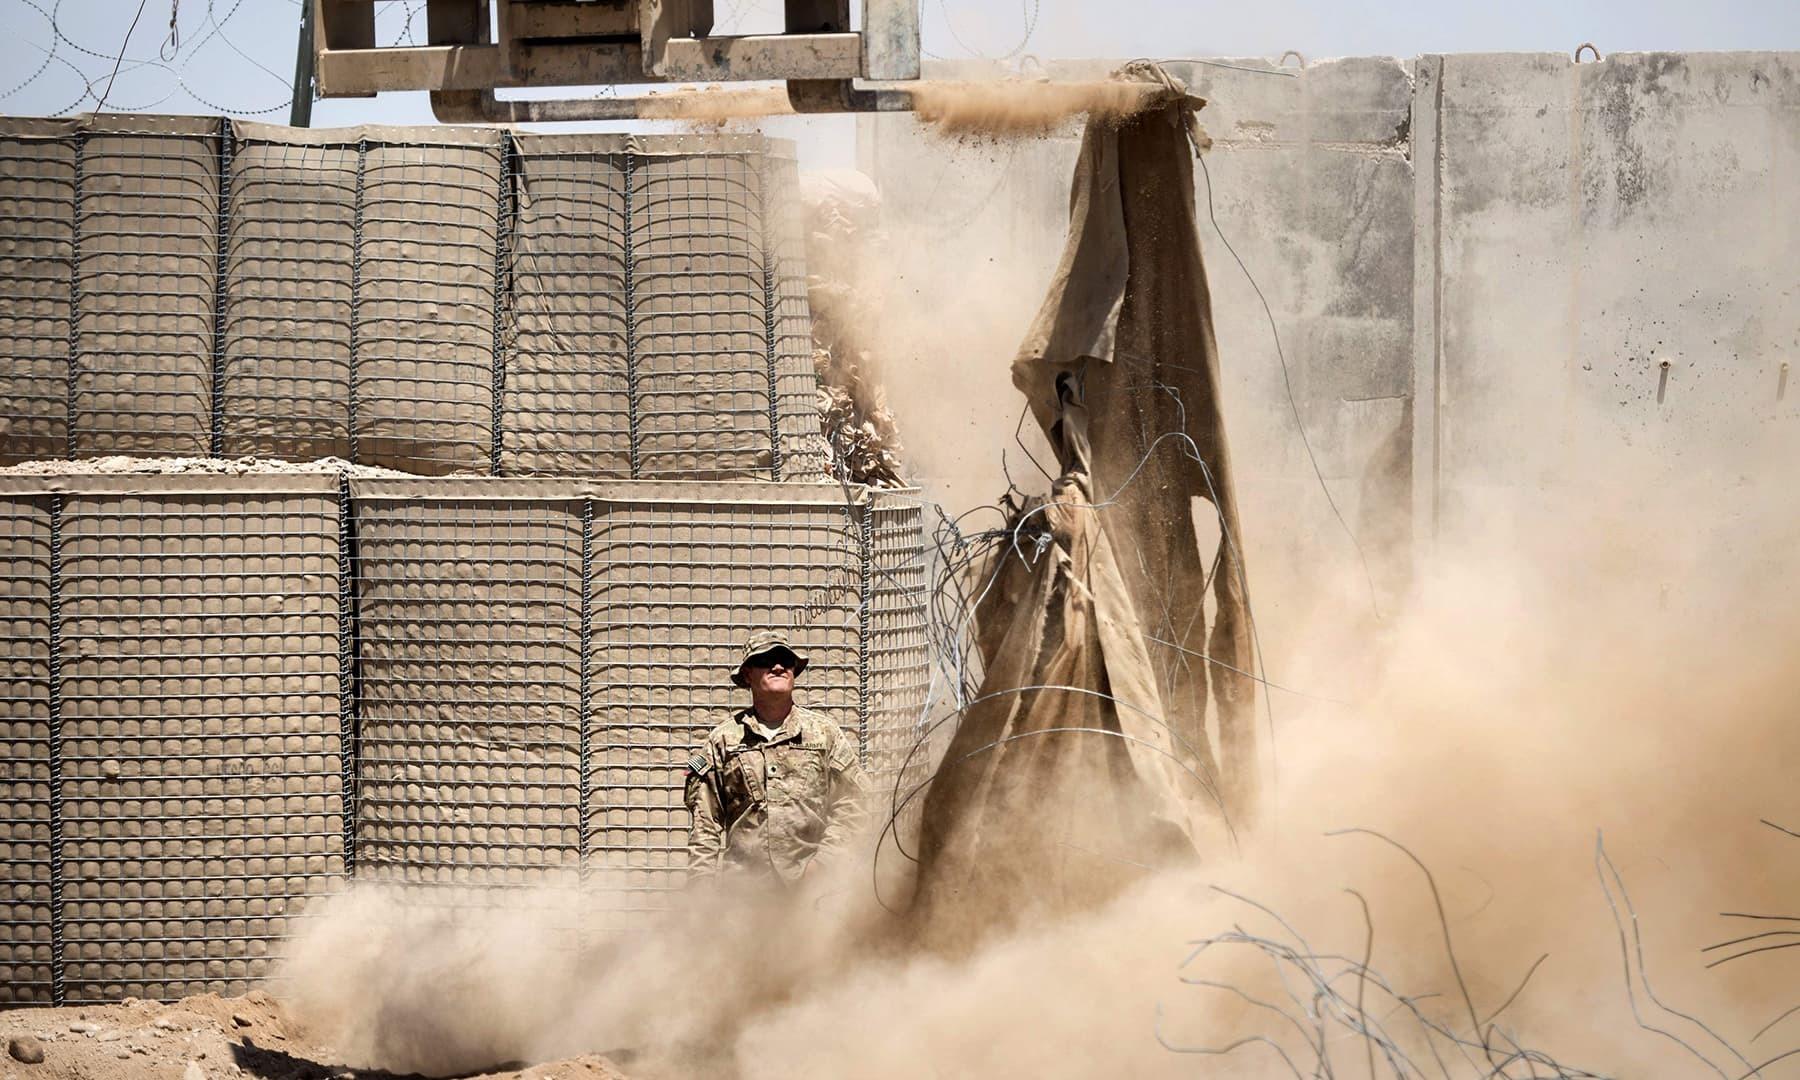 امریکا کو افغانستان میں بھاری جانی مالی نقصان کا سامنا کرنا پڑا—فائل/فوٹو: اے ایف پی